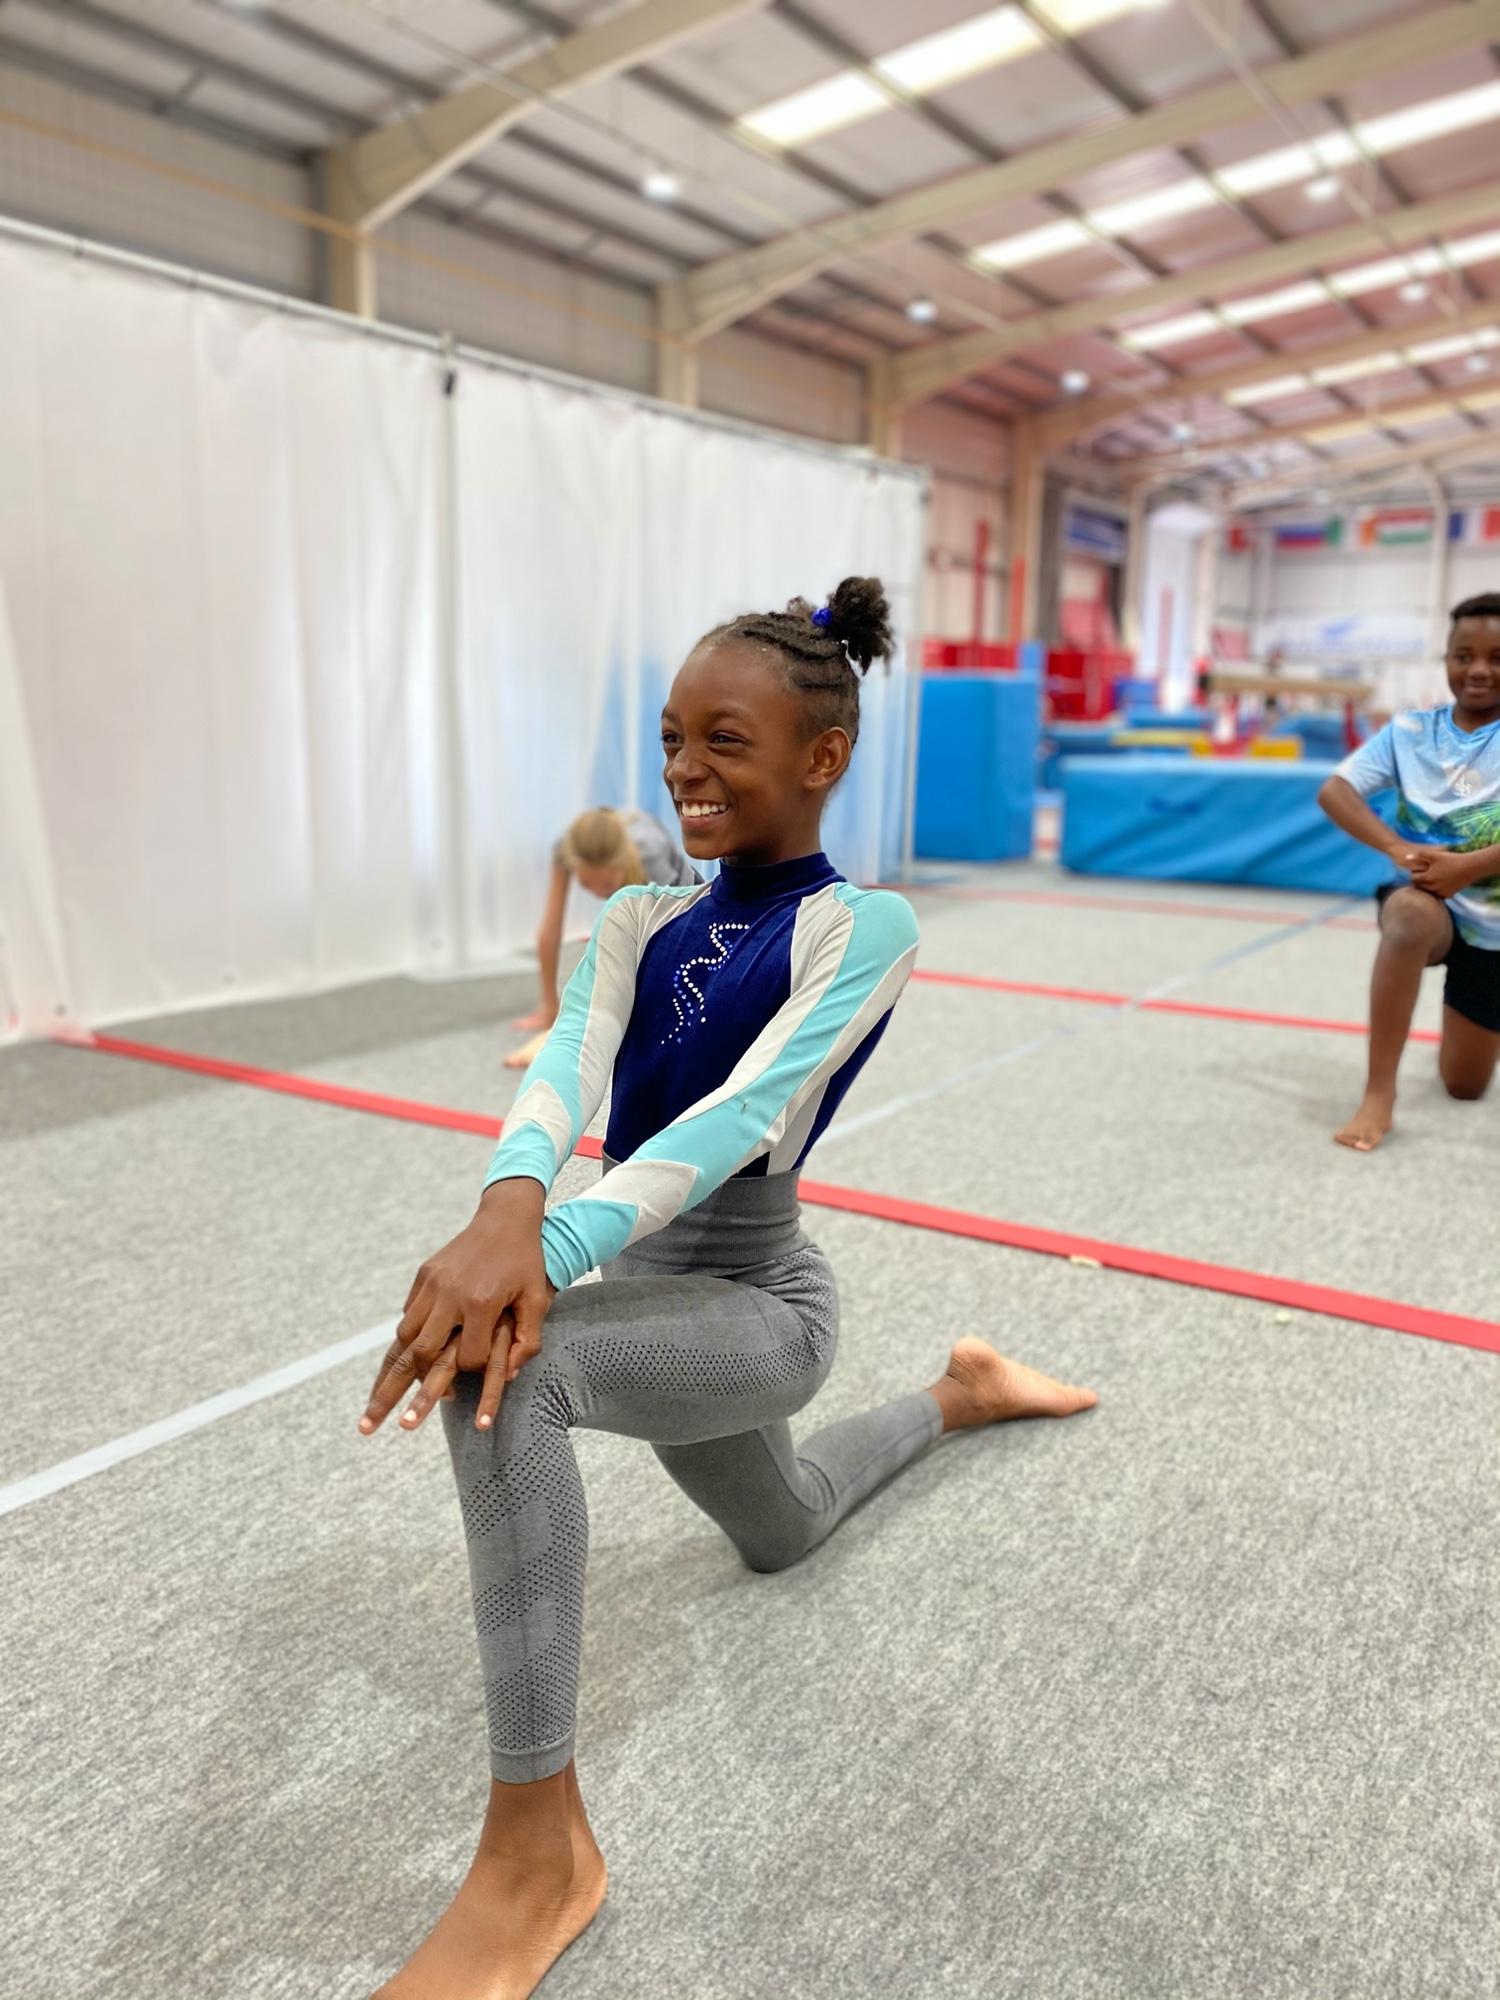 home schooled gymnastics class in Leeds